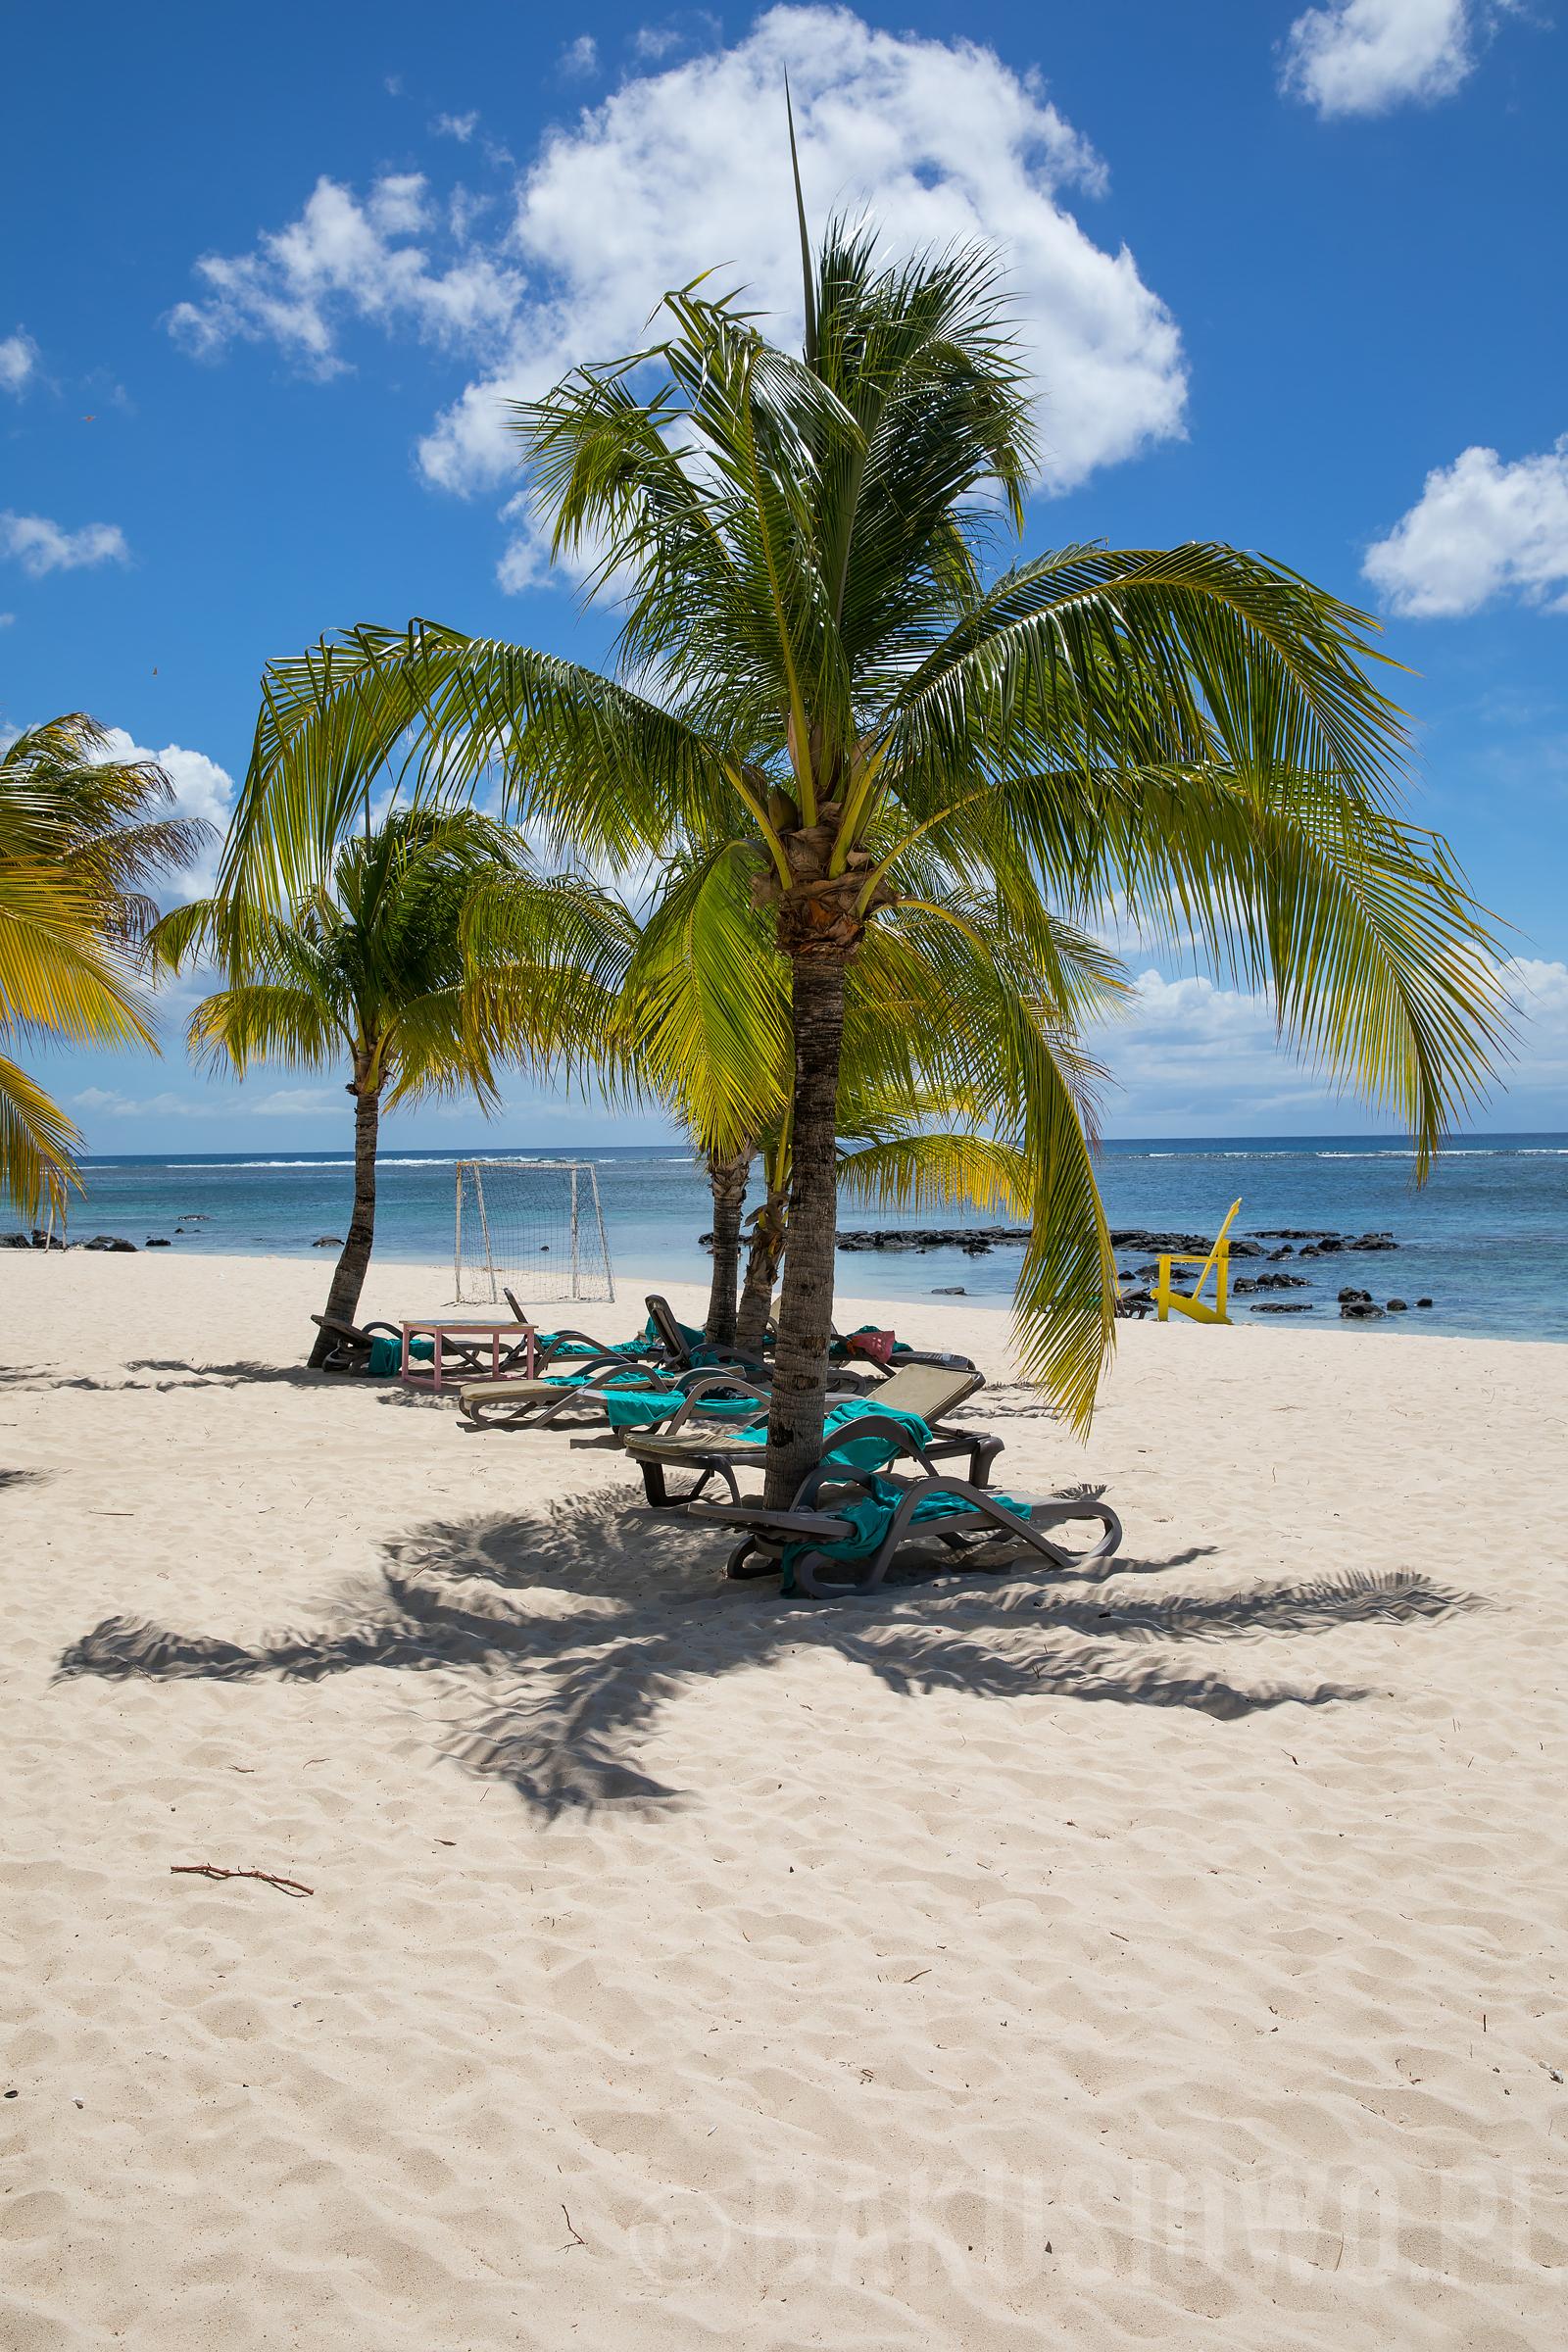 mauritius-le-meridien-photos-77